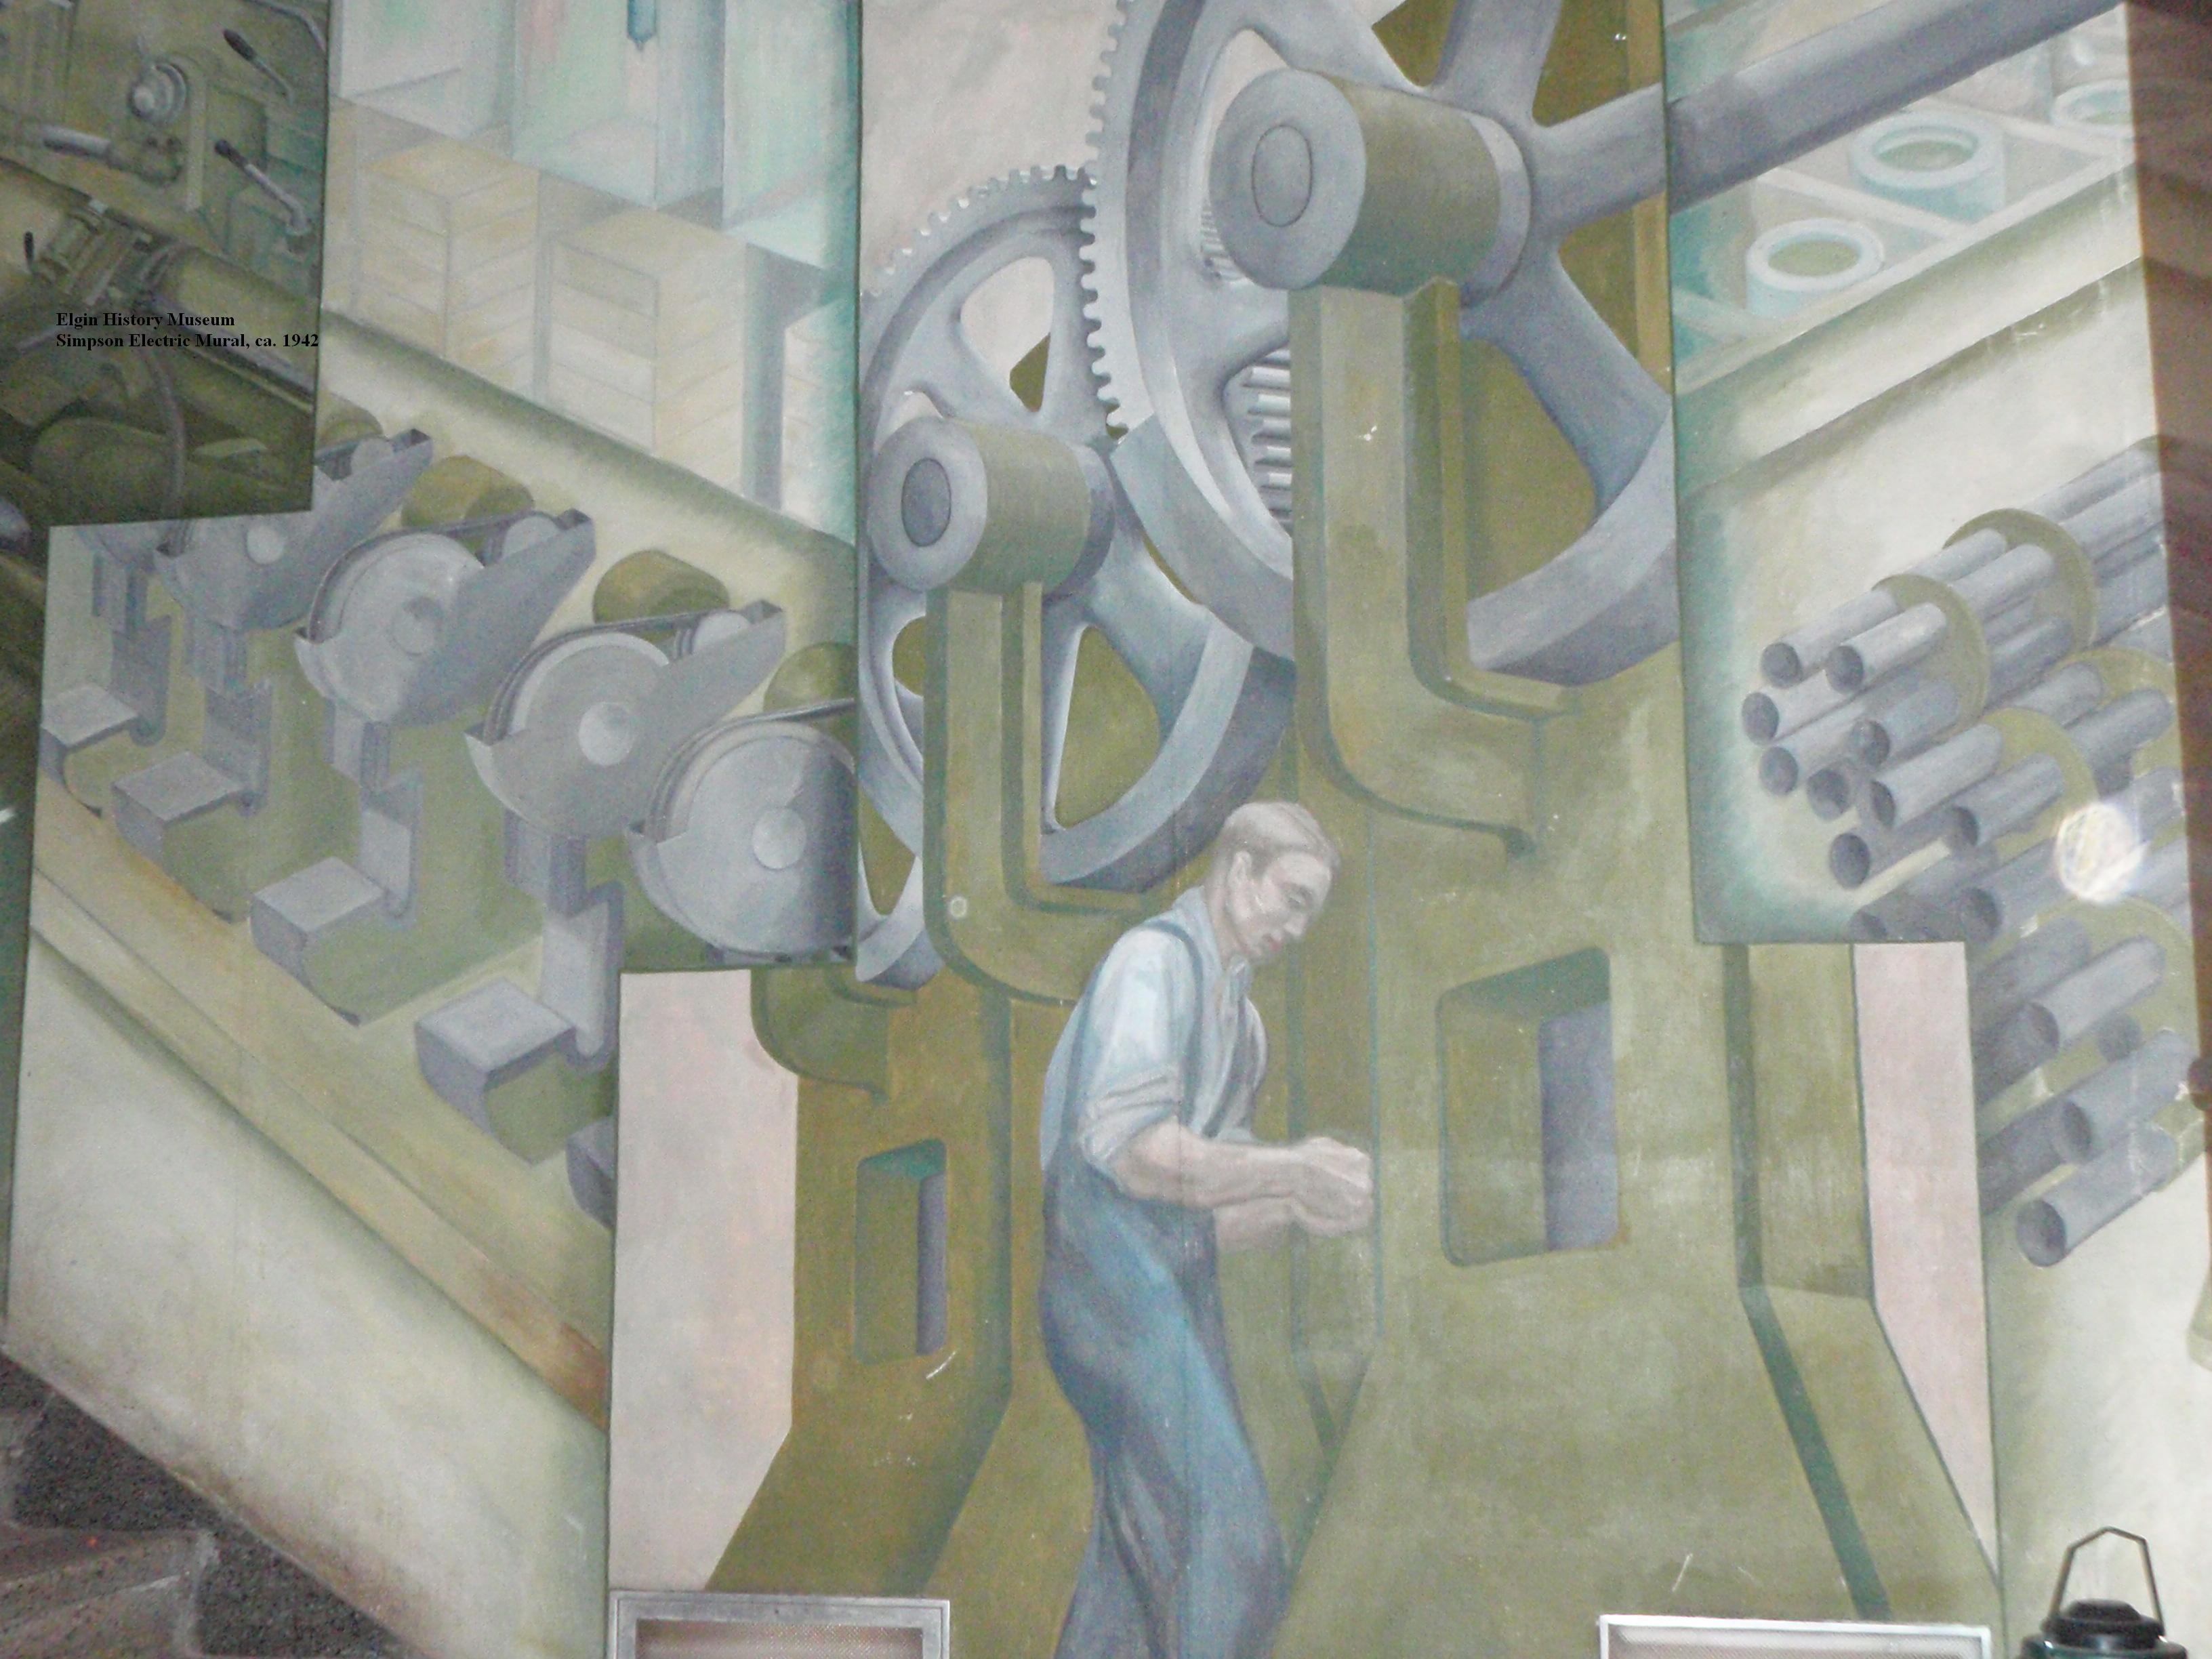 Simpson mural